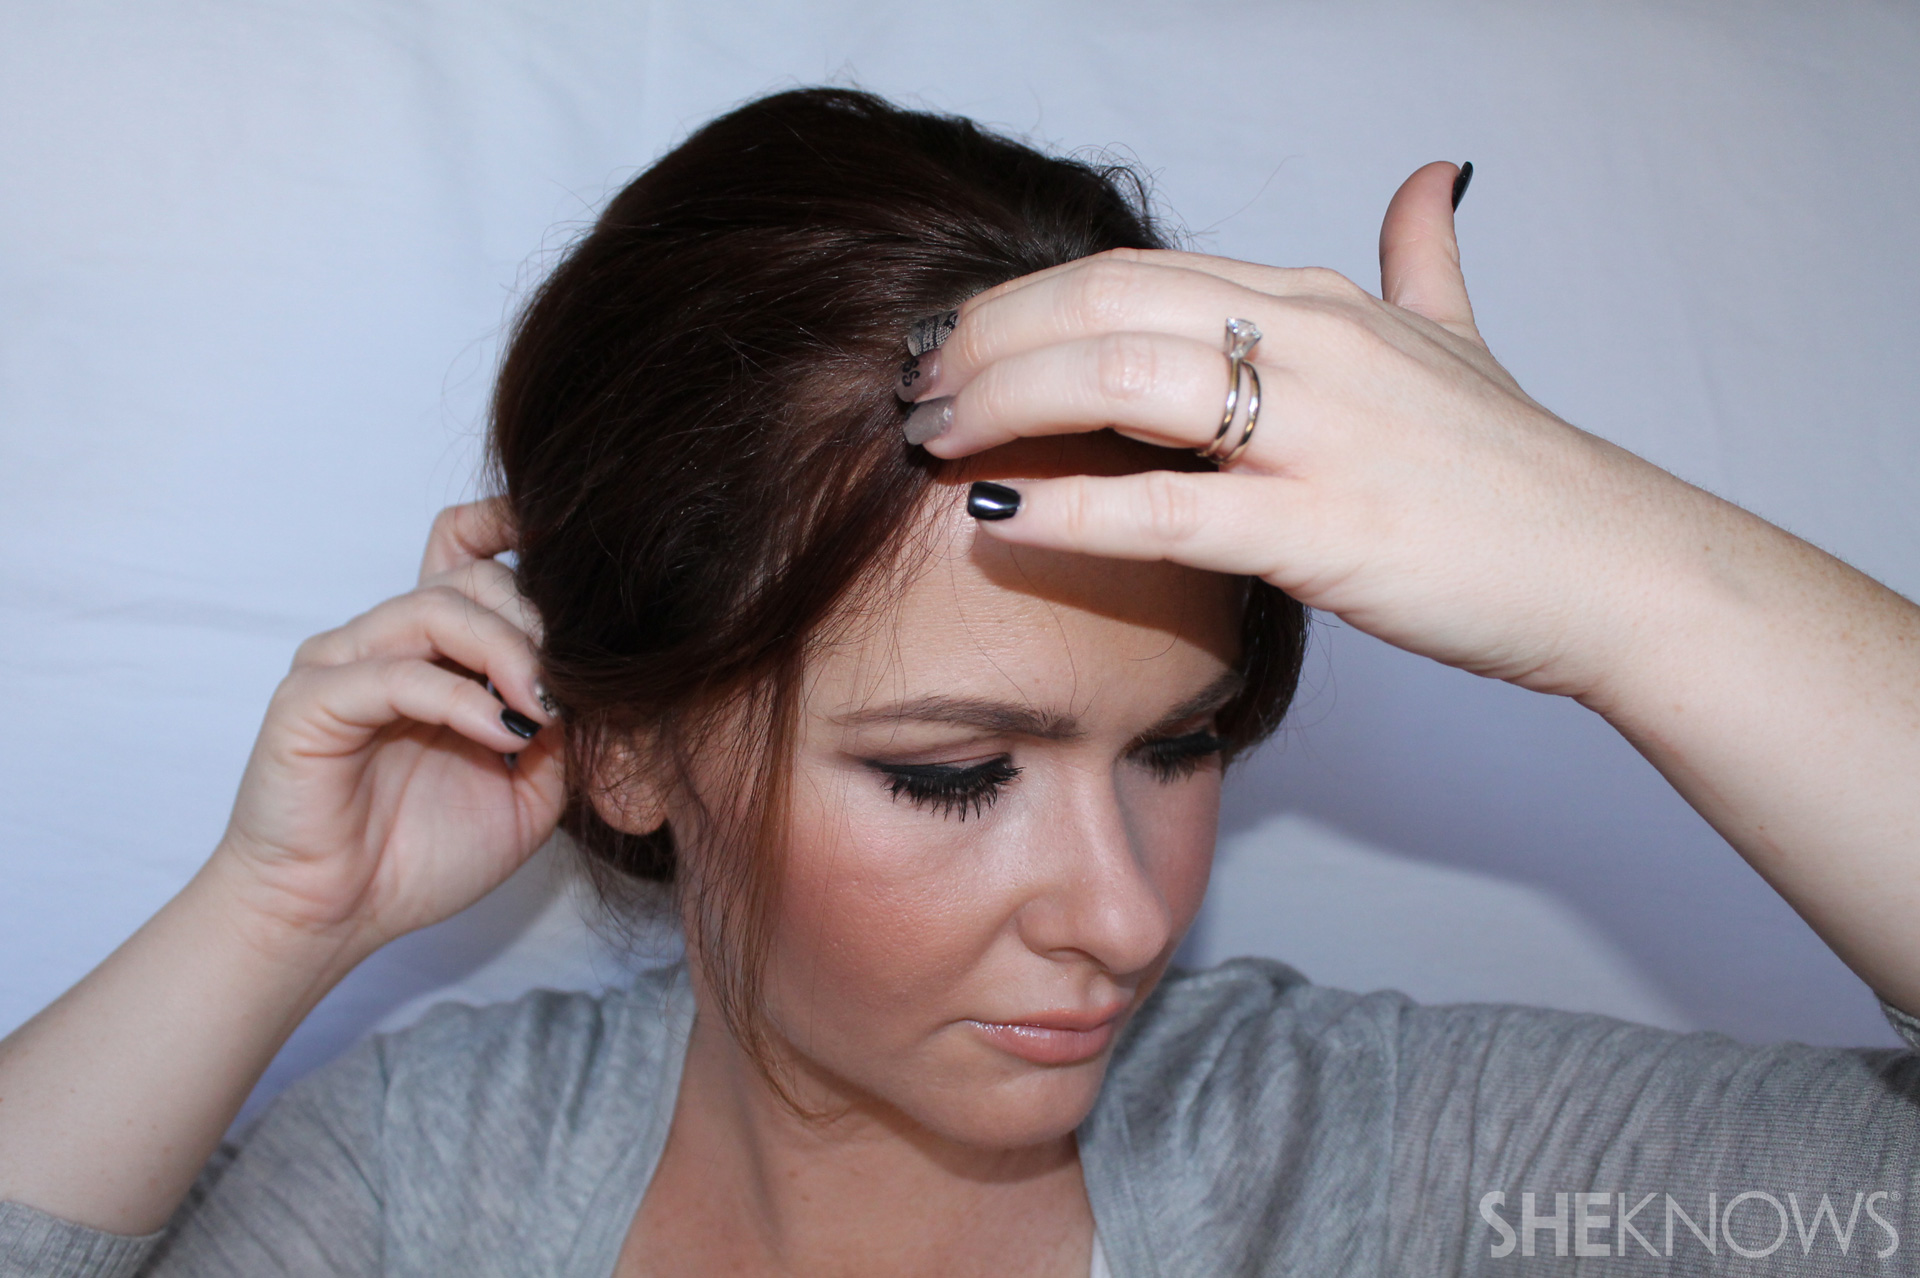 Thin hair tutorial | Sheknows.com - step 20